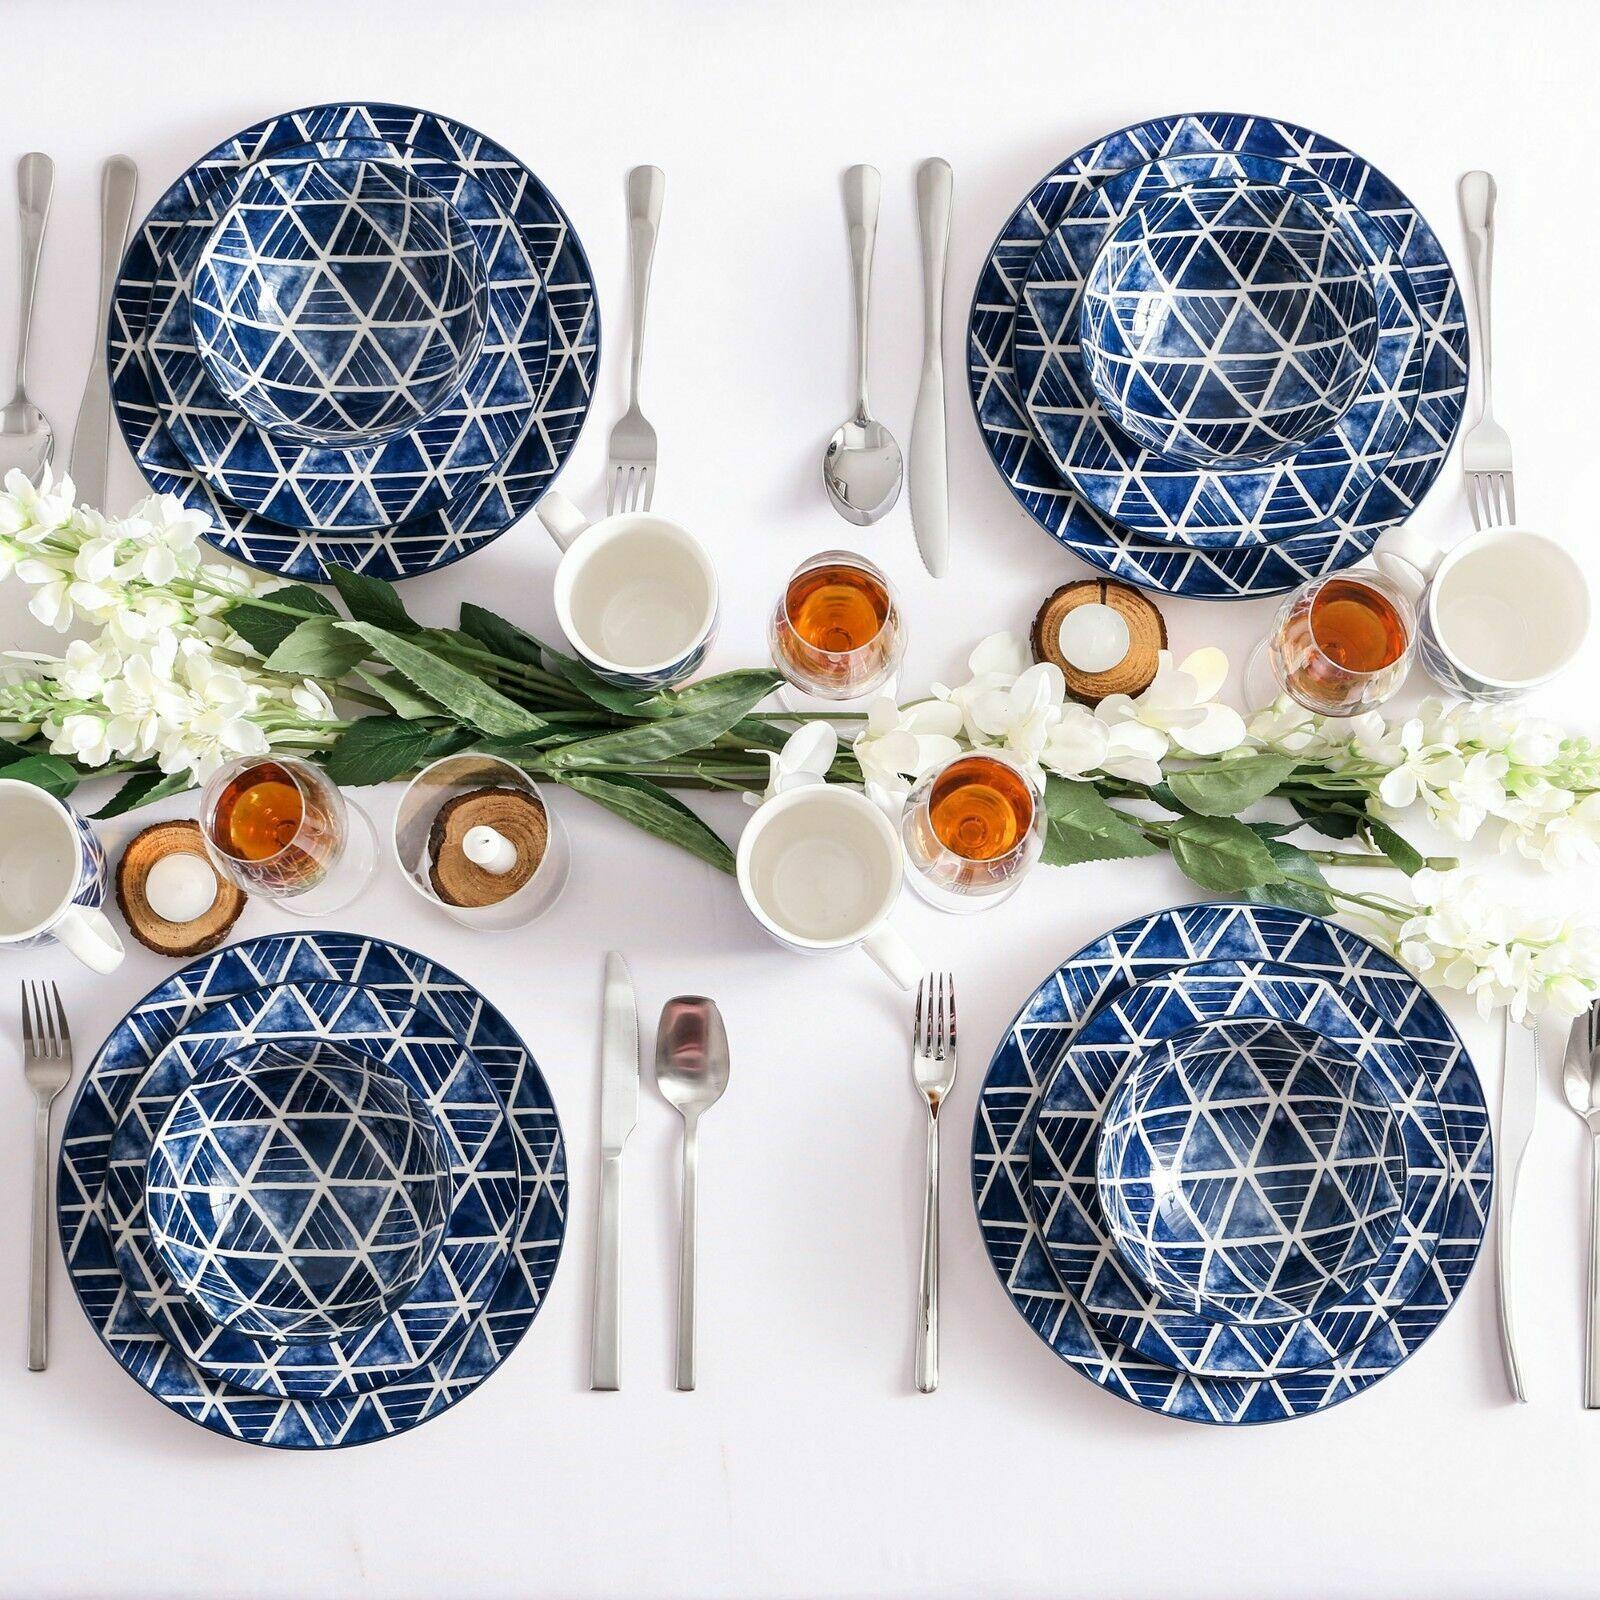 16 pezzi Set Cena porcellana piatti ciotole stoviglie stoviglie hand painted blu